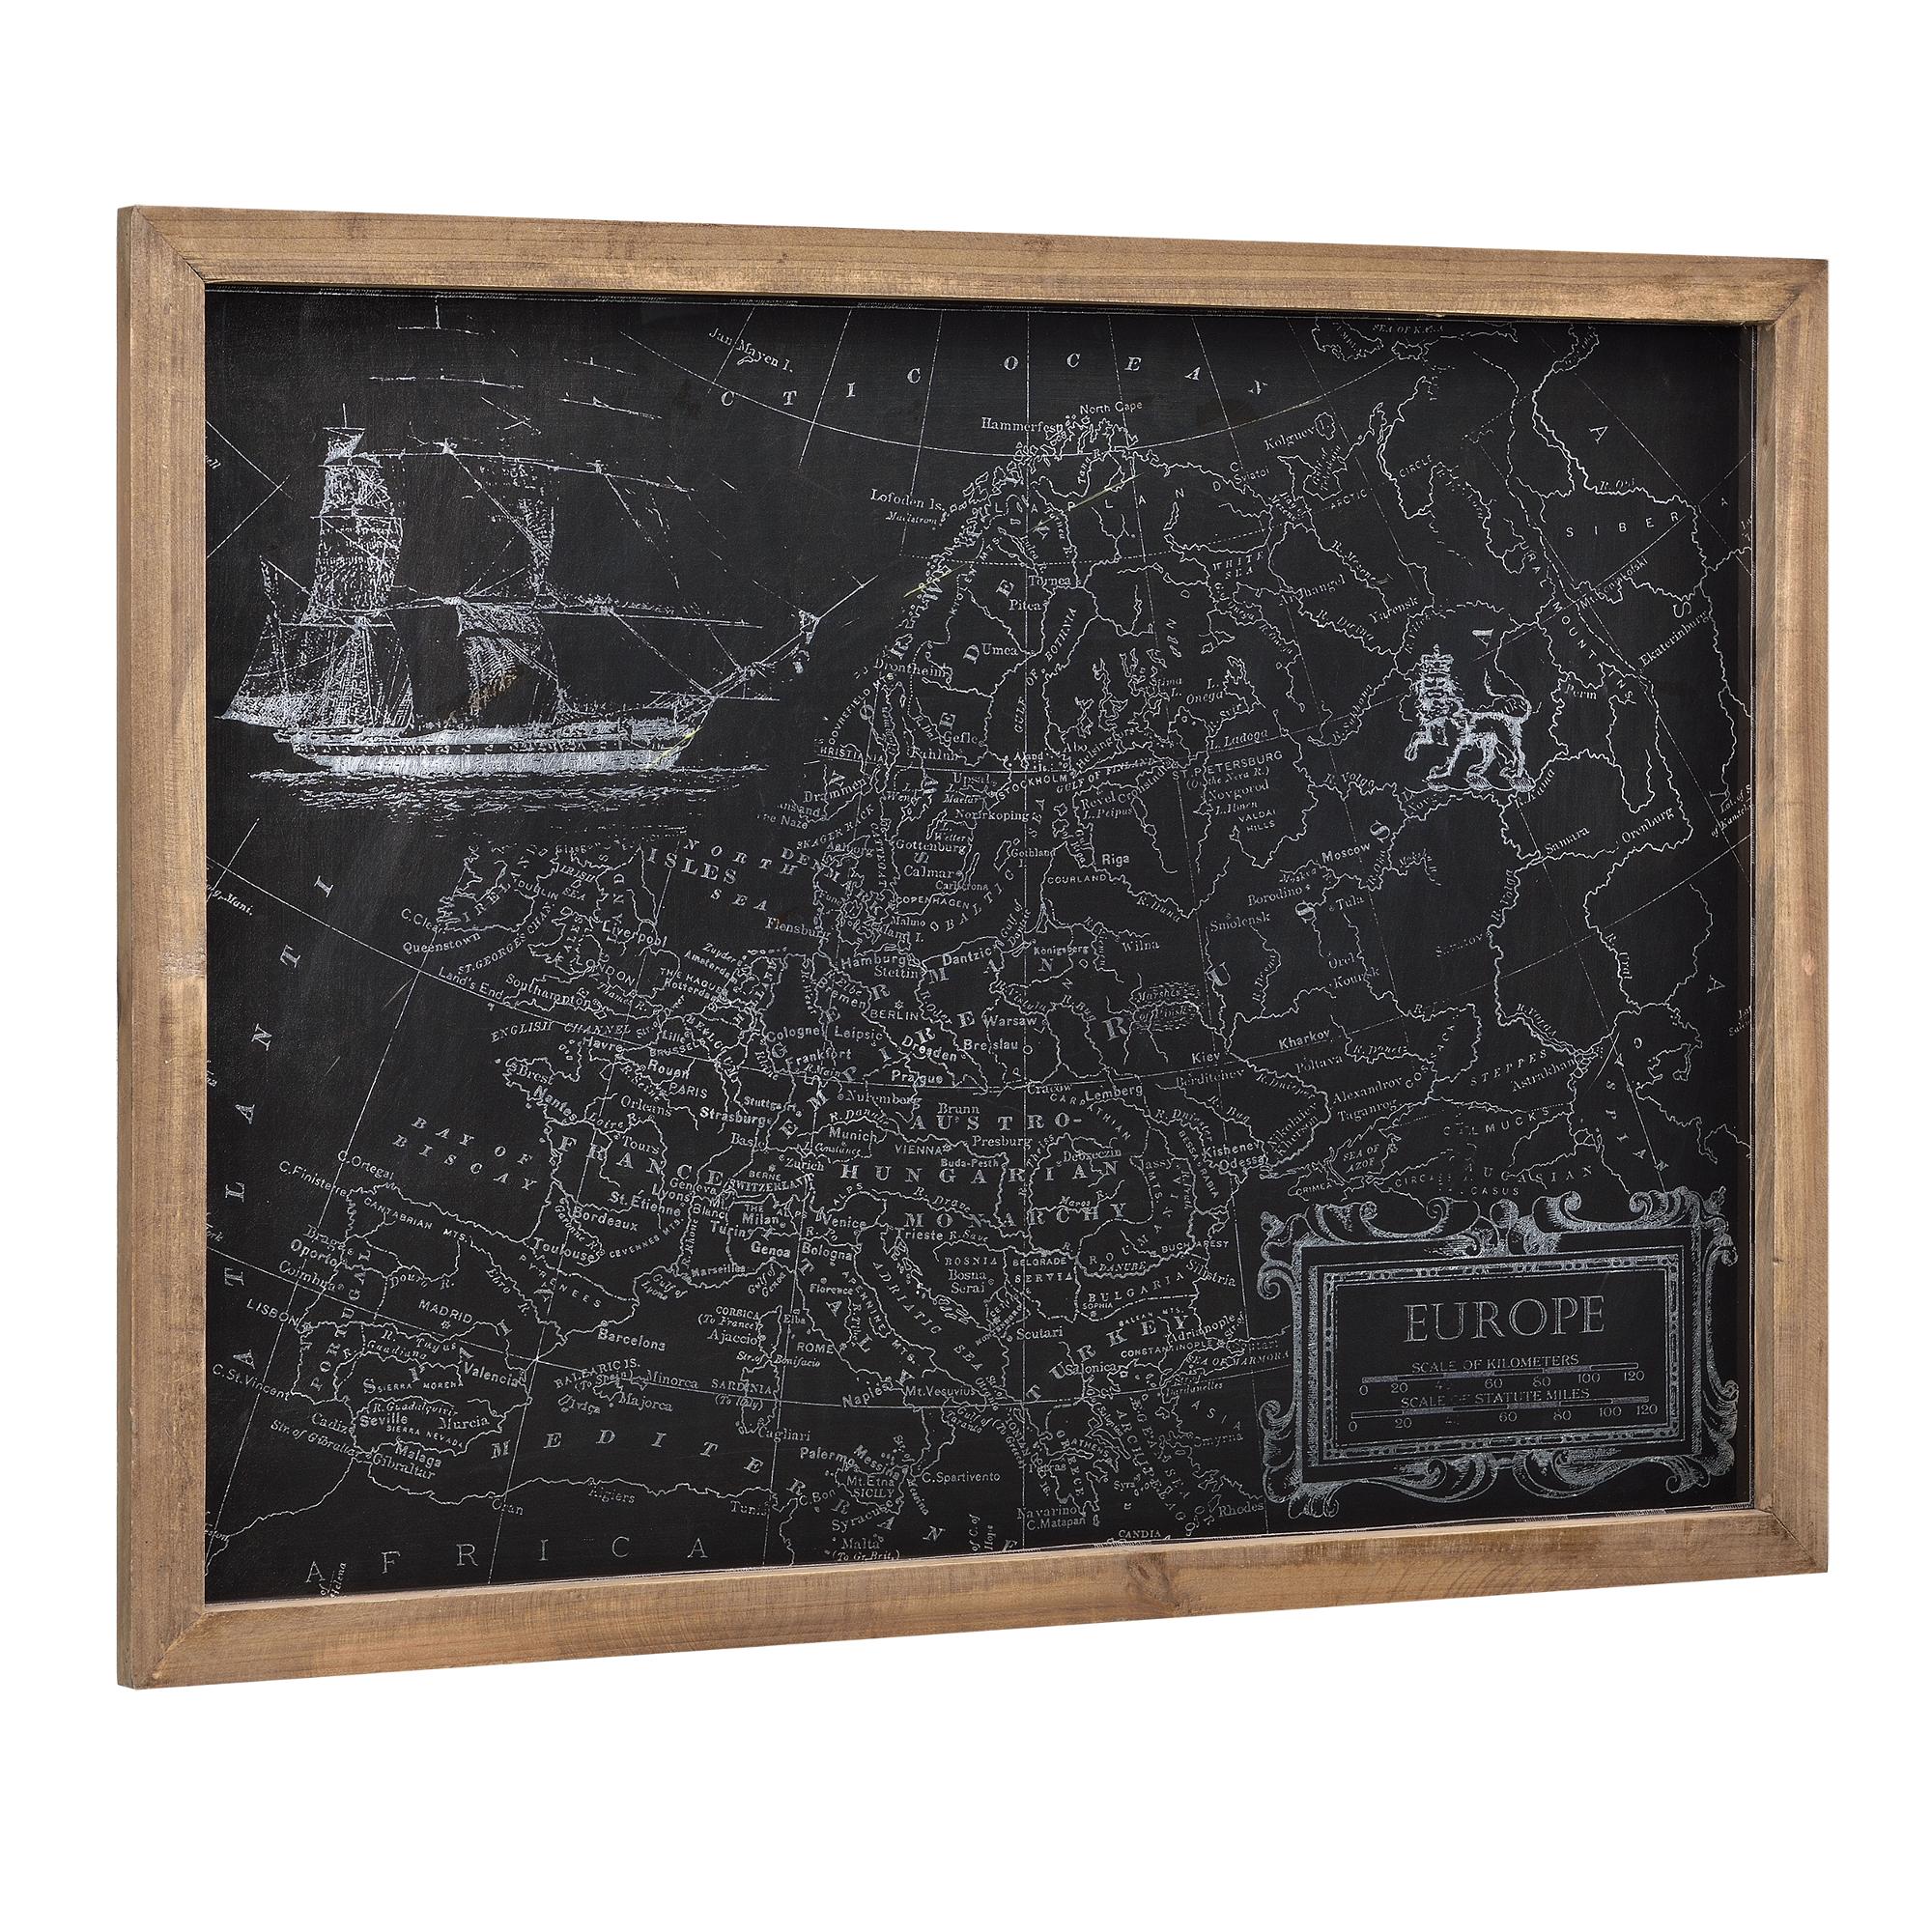 [art.work] Designový obraz na stěnu - na stříbrnom PVC podkladu - mapa Evropy - zarámovaný - 60x80x2,5 cm